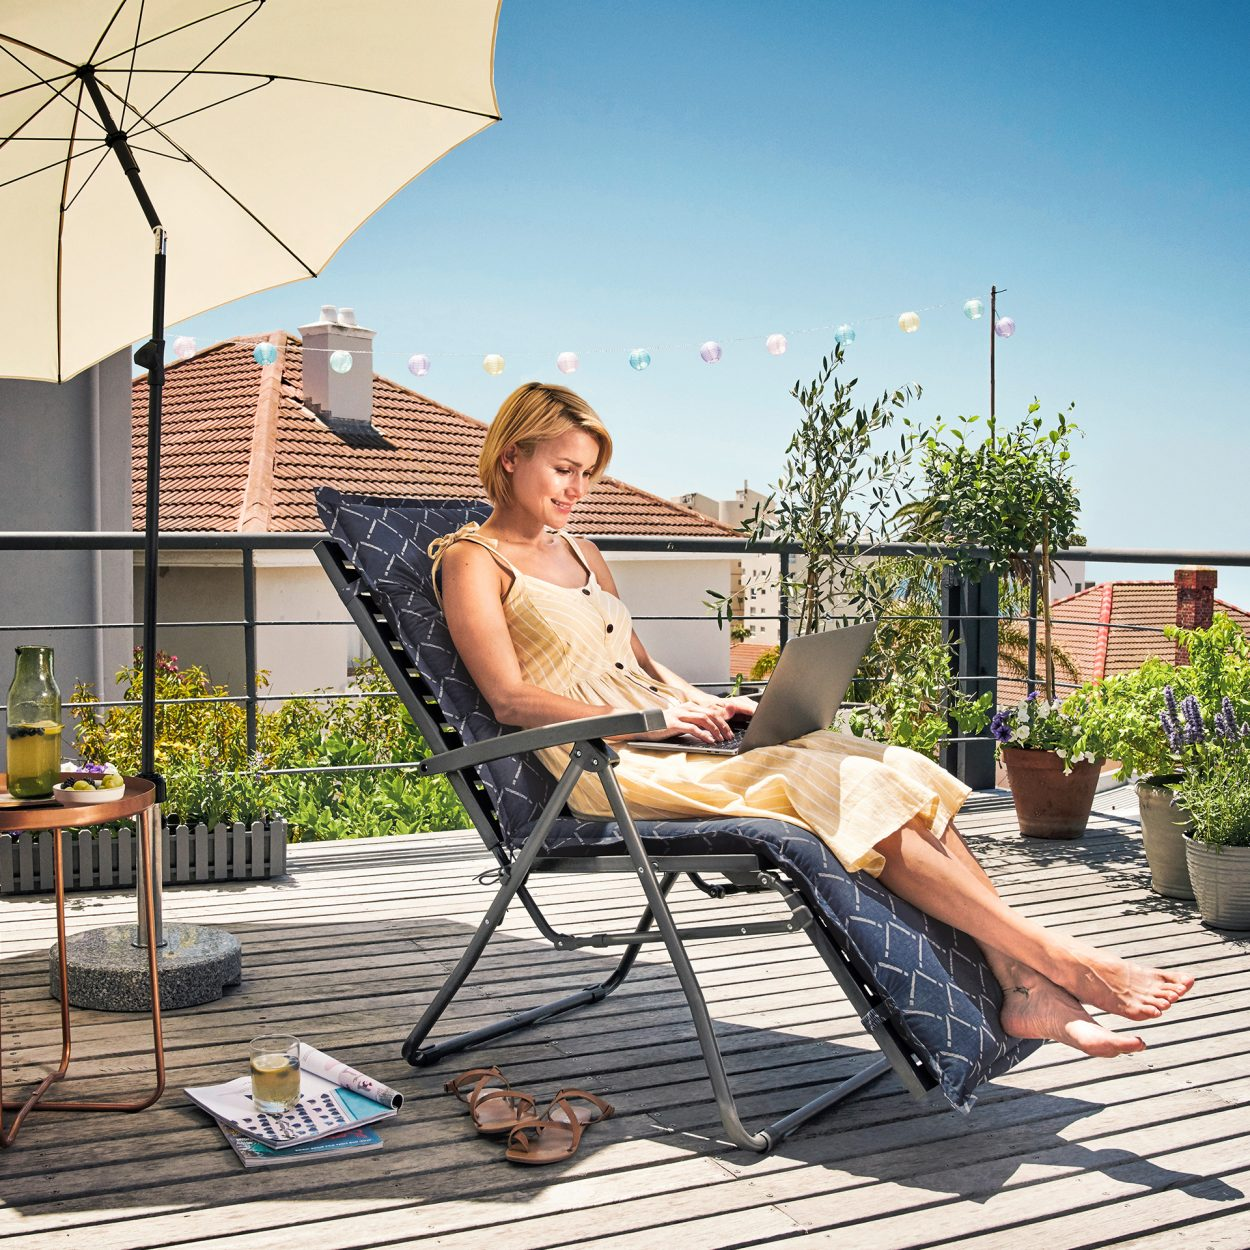 Full Size of Relaxliege Gnstig Bei Aldi Nord Relaxsessel Garten Wohnzimmer Aldi Gartenliege